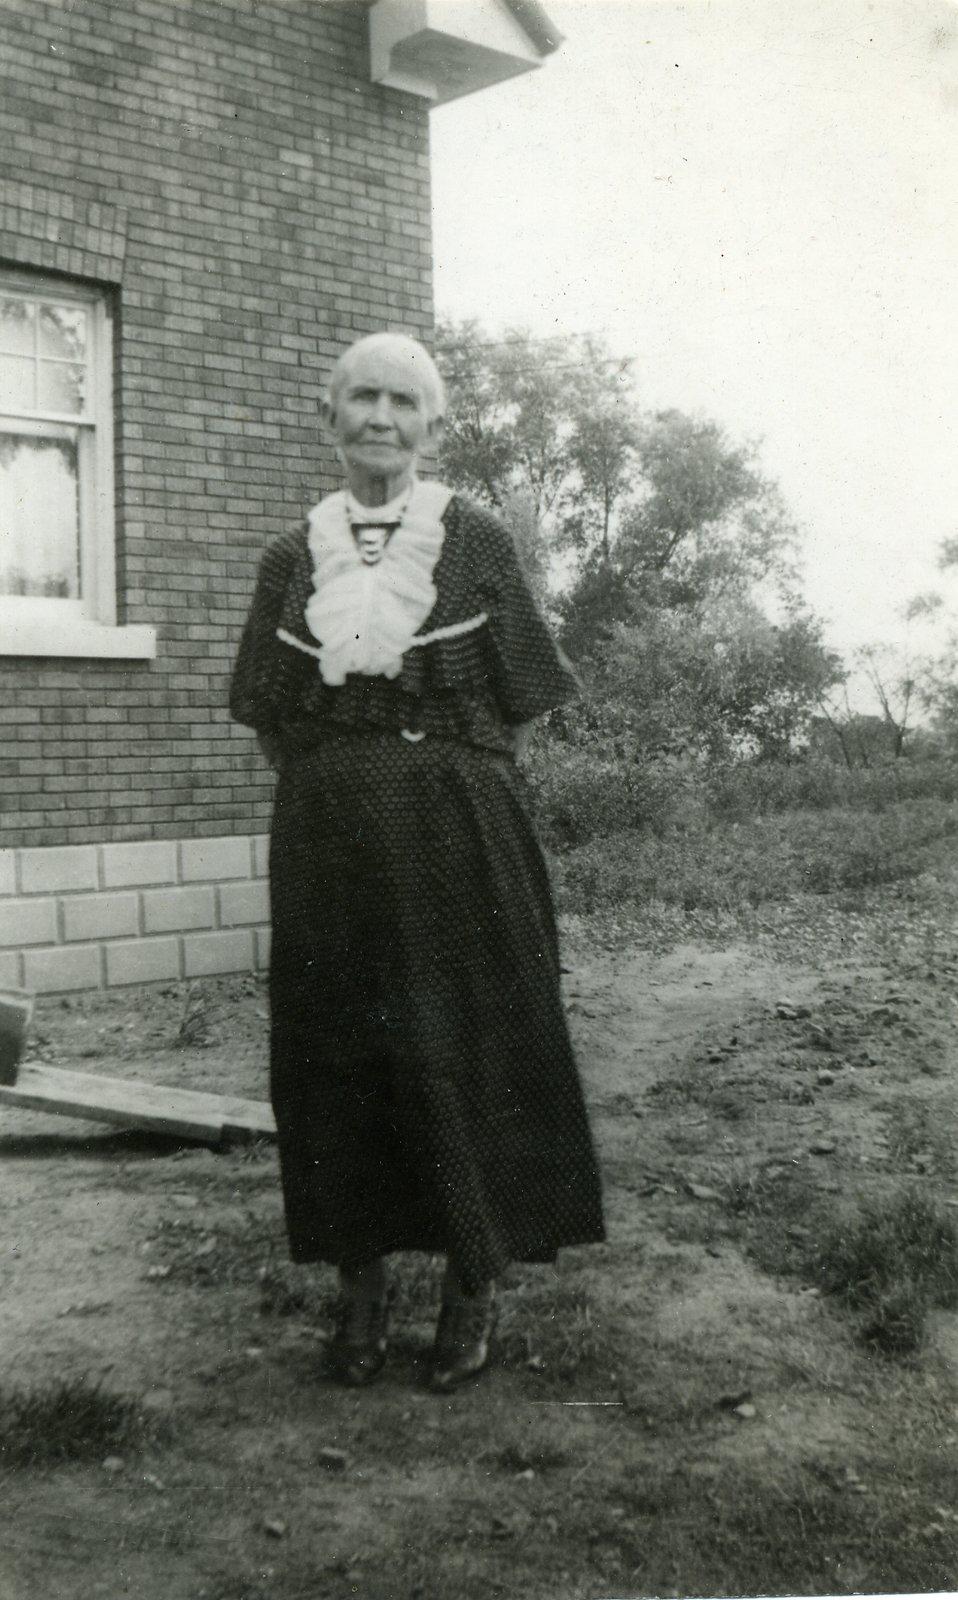 Mrs. Irvine, 1920s